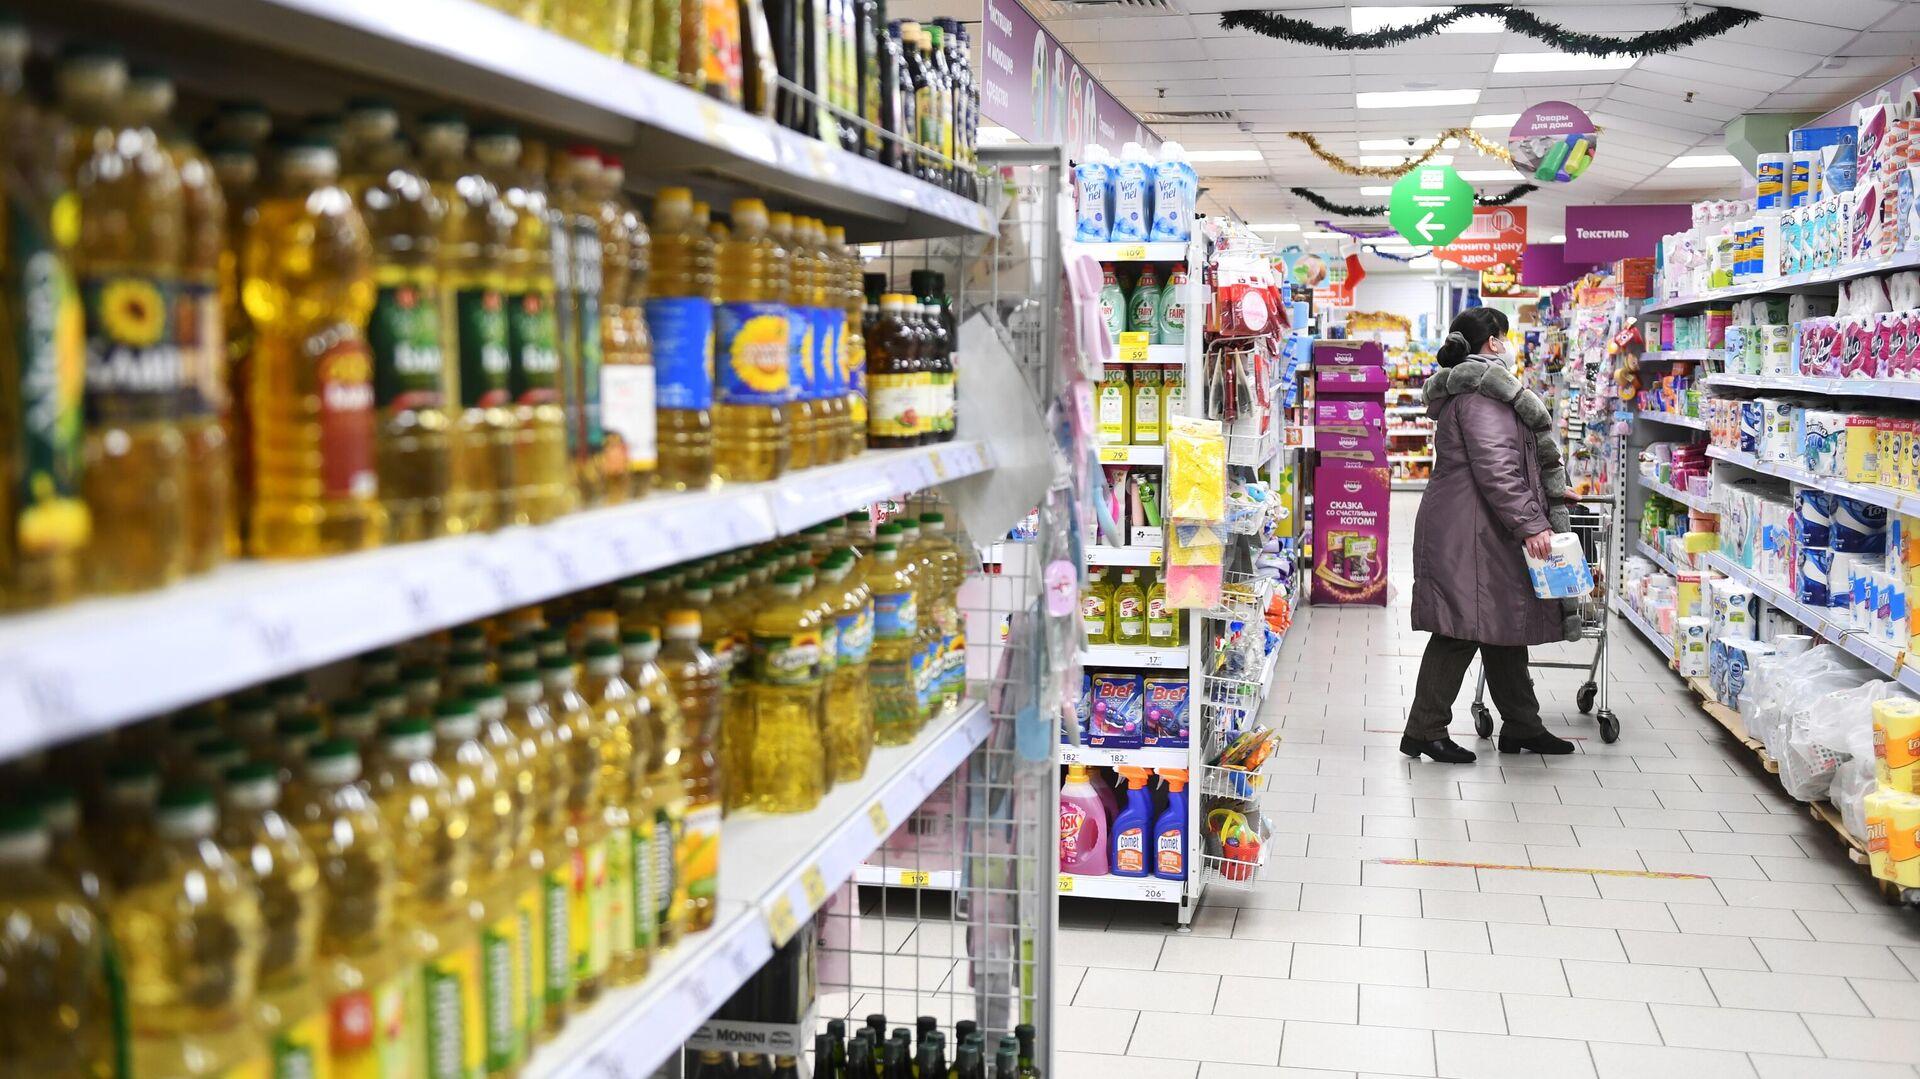 Правительство установит предельные цены на сахар и подсолнечное масло - РИА Новости, 1920, 02.01.2021